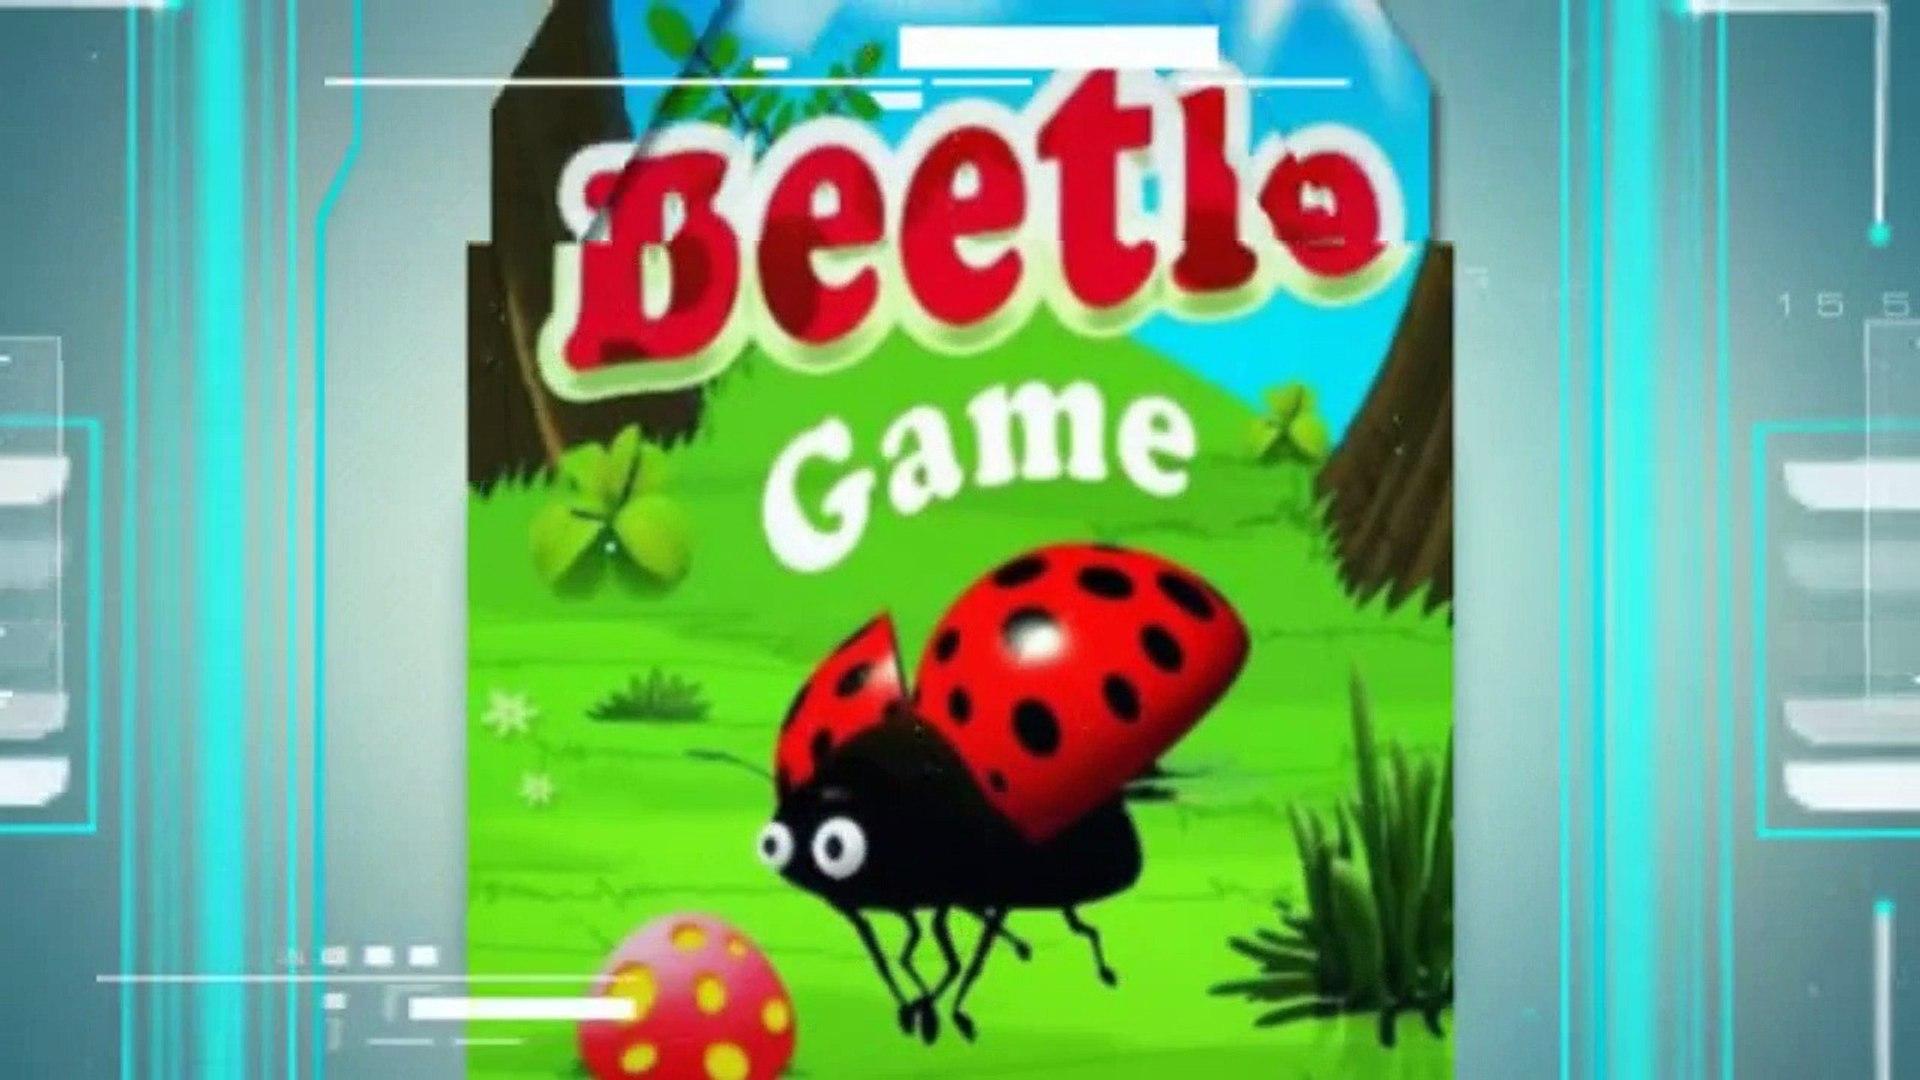 [GET] Codecanyon - Beetle Game With AdMob